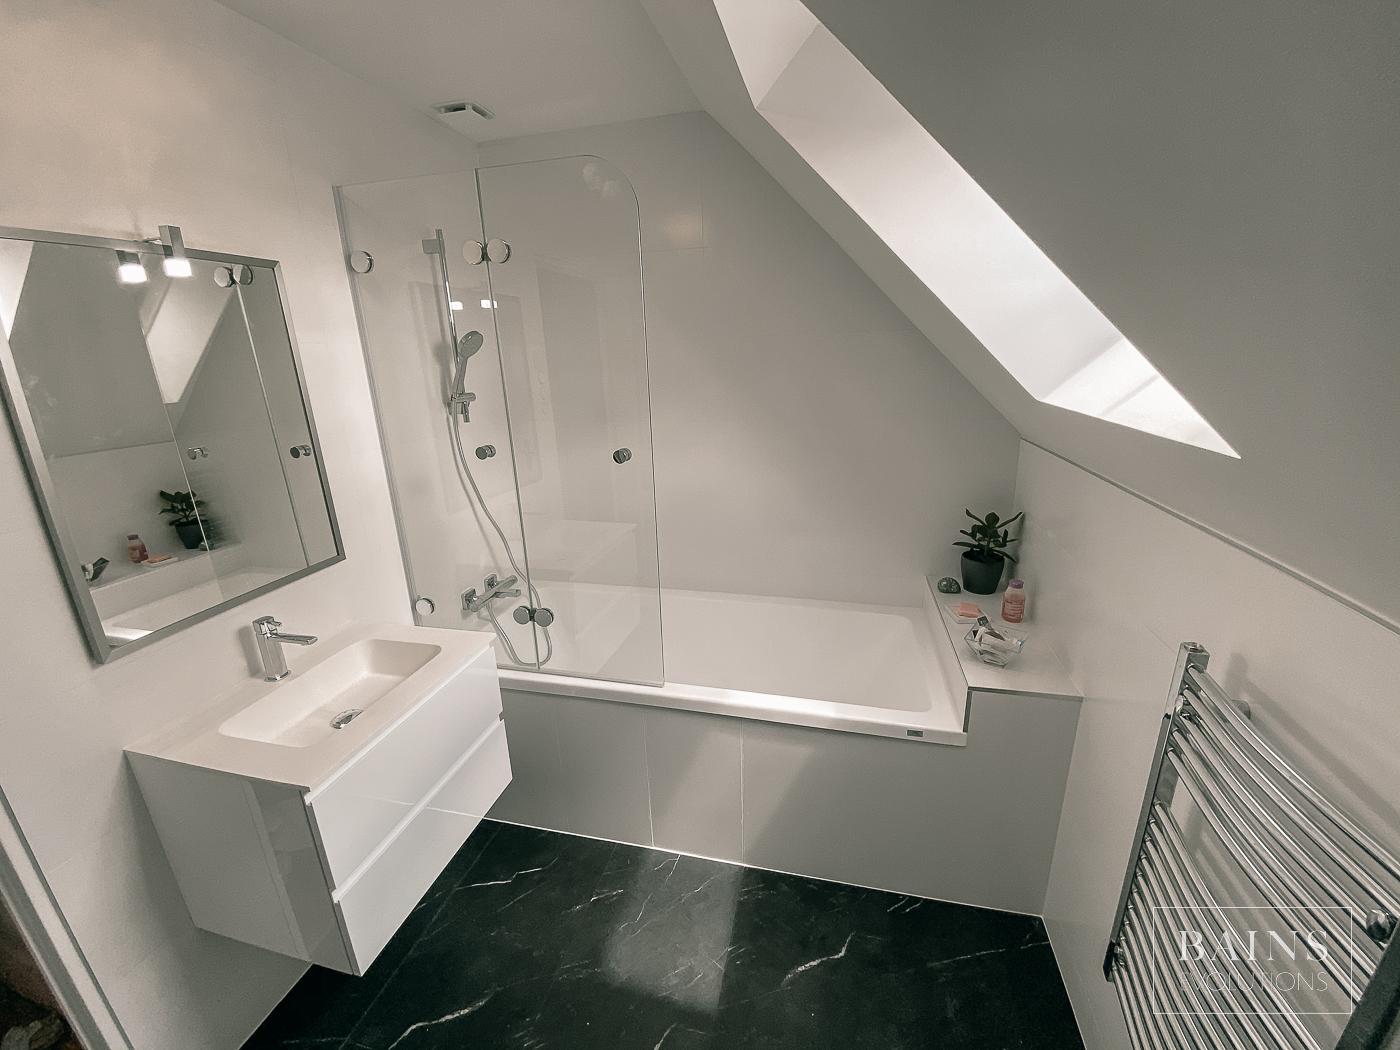 Salle de bain Blanche et Ardoise 91